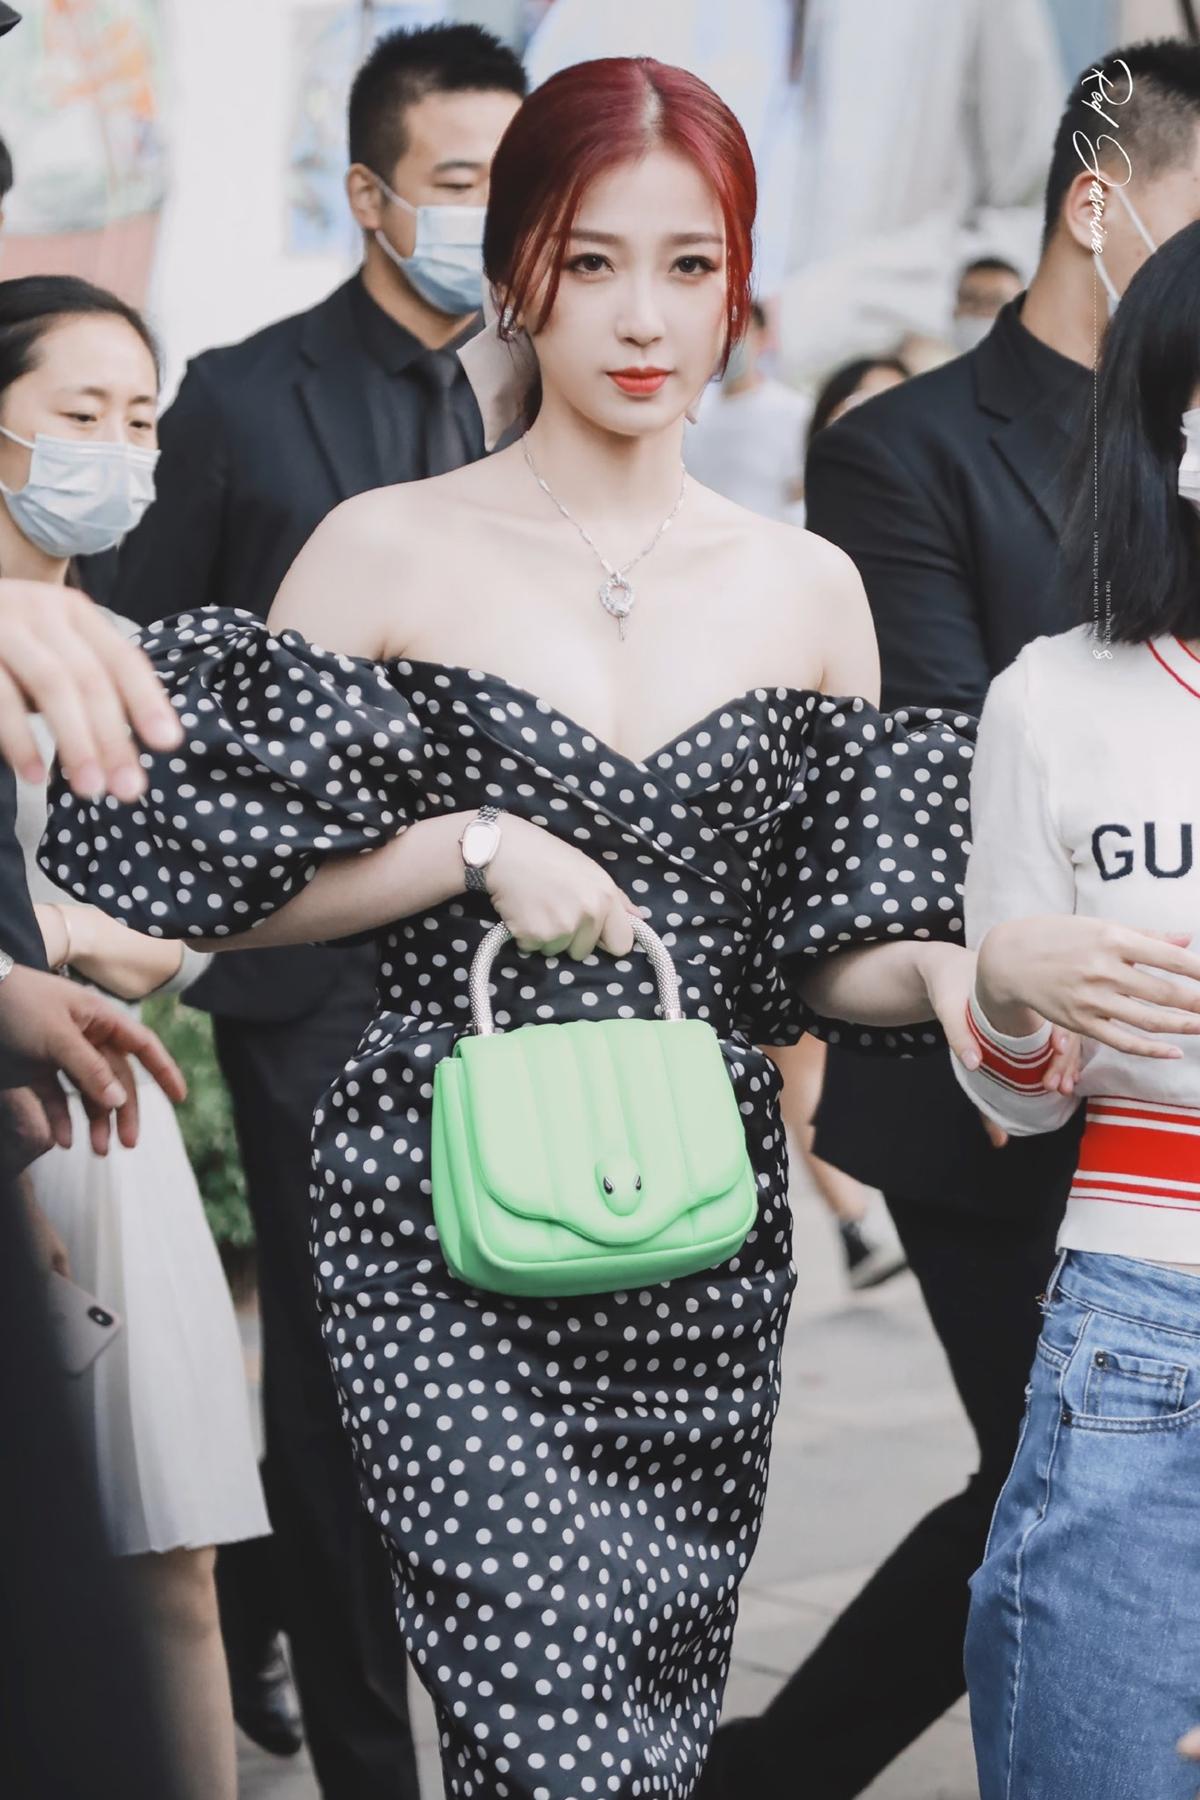 Ngày 16/9, Ngu Thư Hân tham dự một sự kiện thời trang tại Thượng Hải. Mỹ nhân THE9 trở thành tâm điểm chú ý của người hâm mộ nhờ ngoại hình nổi bật.